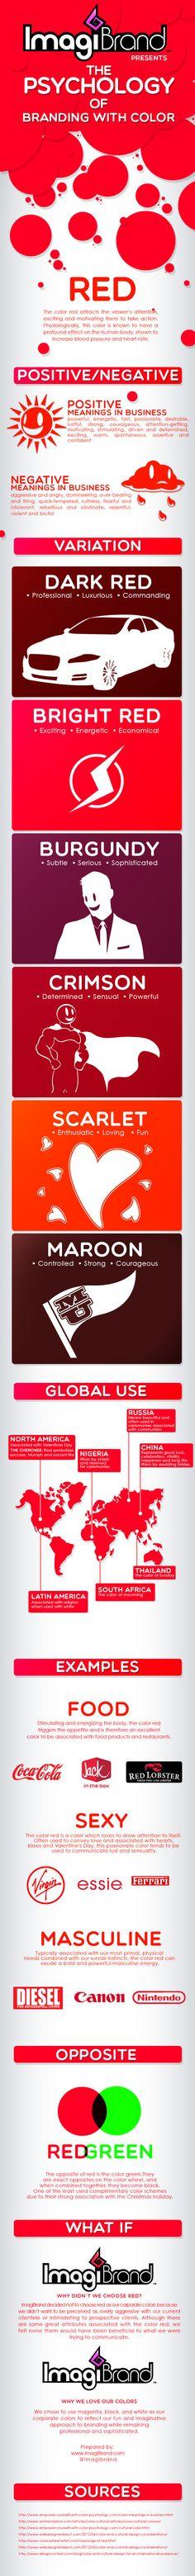 Una infografía sobre Branding de color rojo.